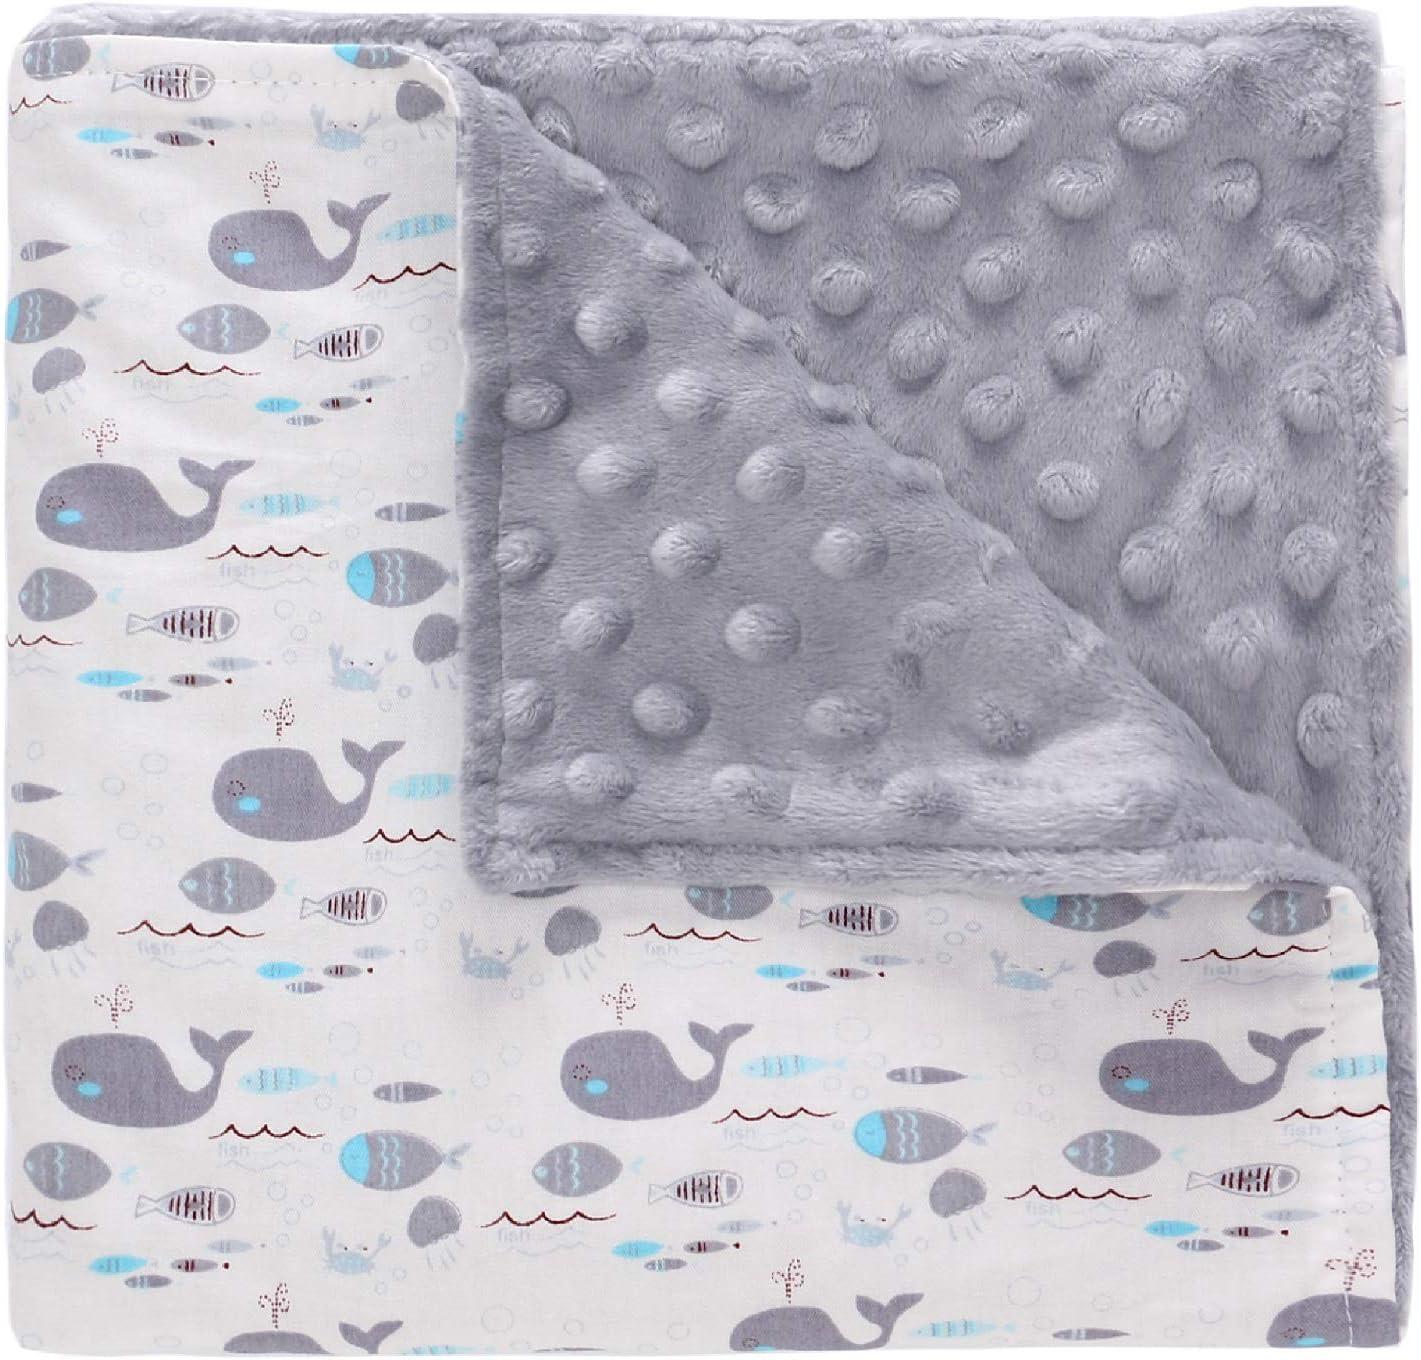 Couverture Coton pour B/éb/é Naissance 78 98CM en 100/% Coton Couverture Minky Peluche Chaude Enveloppant/é Enfant Fille et Gar/çon pour Si/èges Auto Landaus Coques B/éb/é Poussettes Lits Berceau